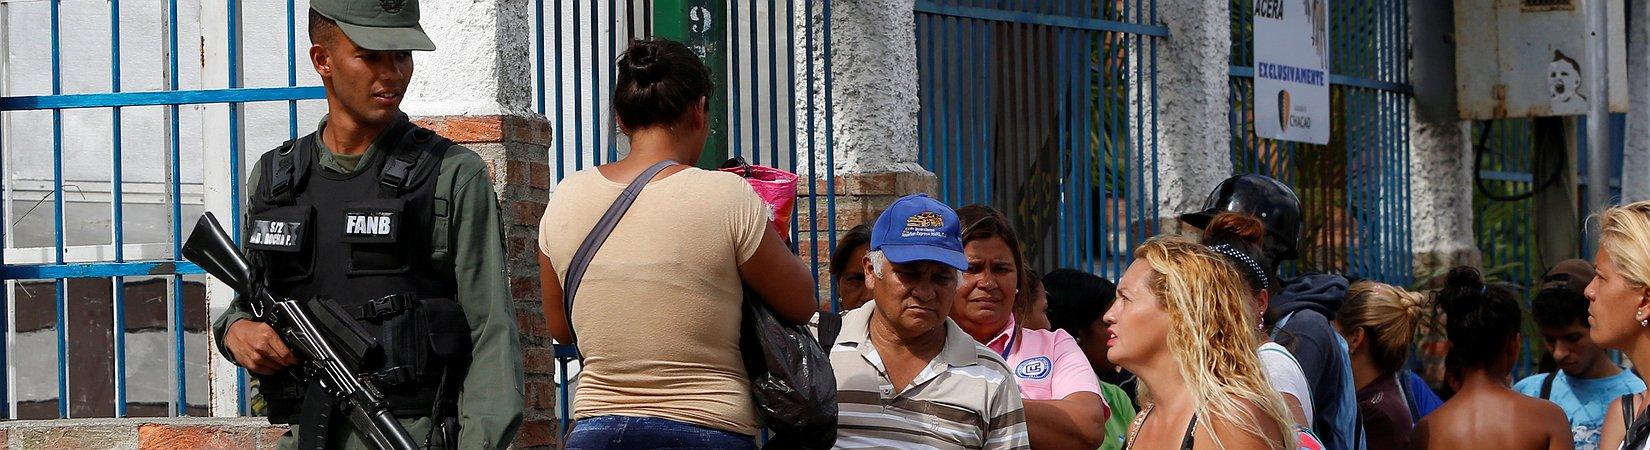 El ejército de Venezuela asume el control del suministro de alimentos